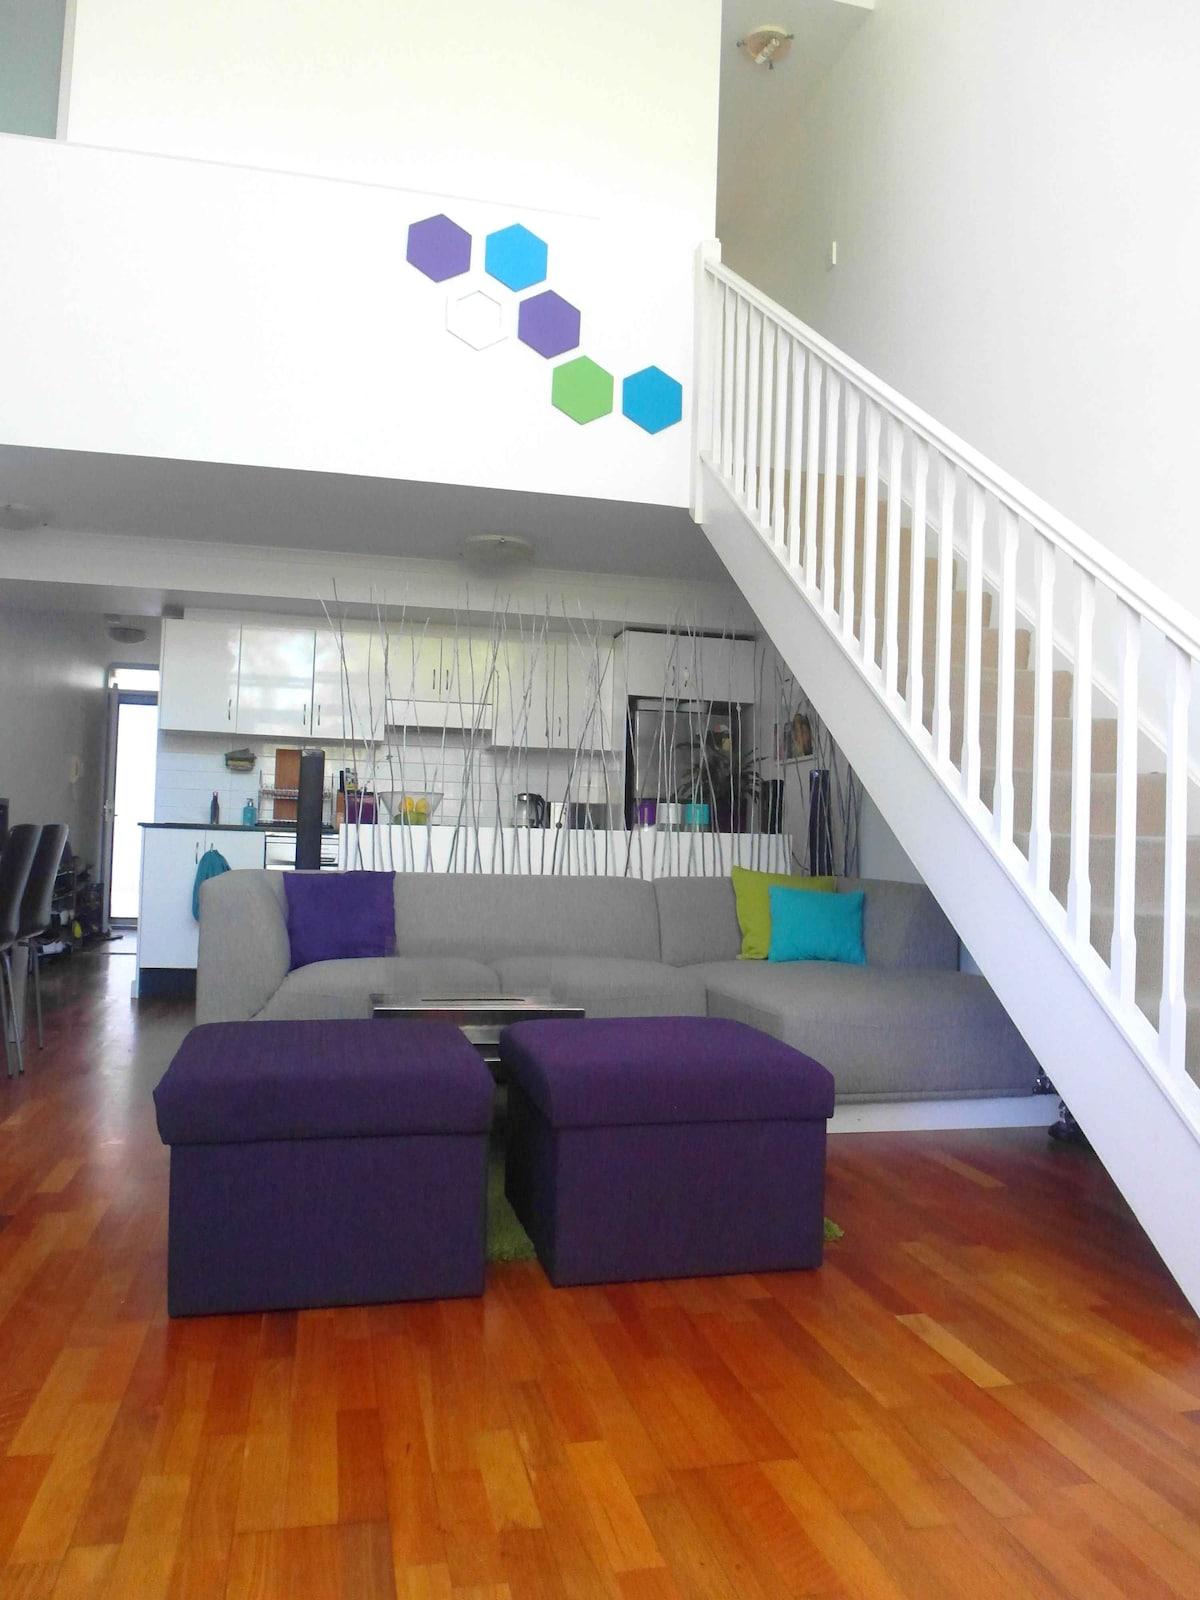 Room in a modern loft